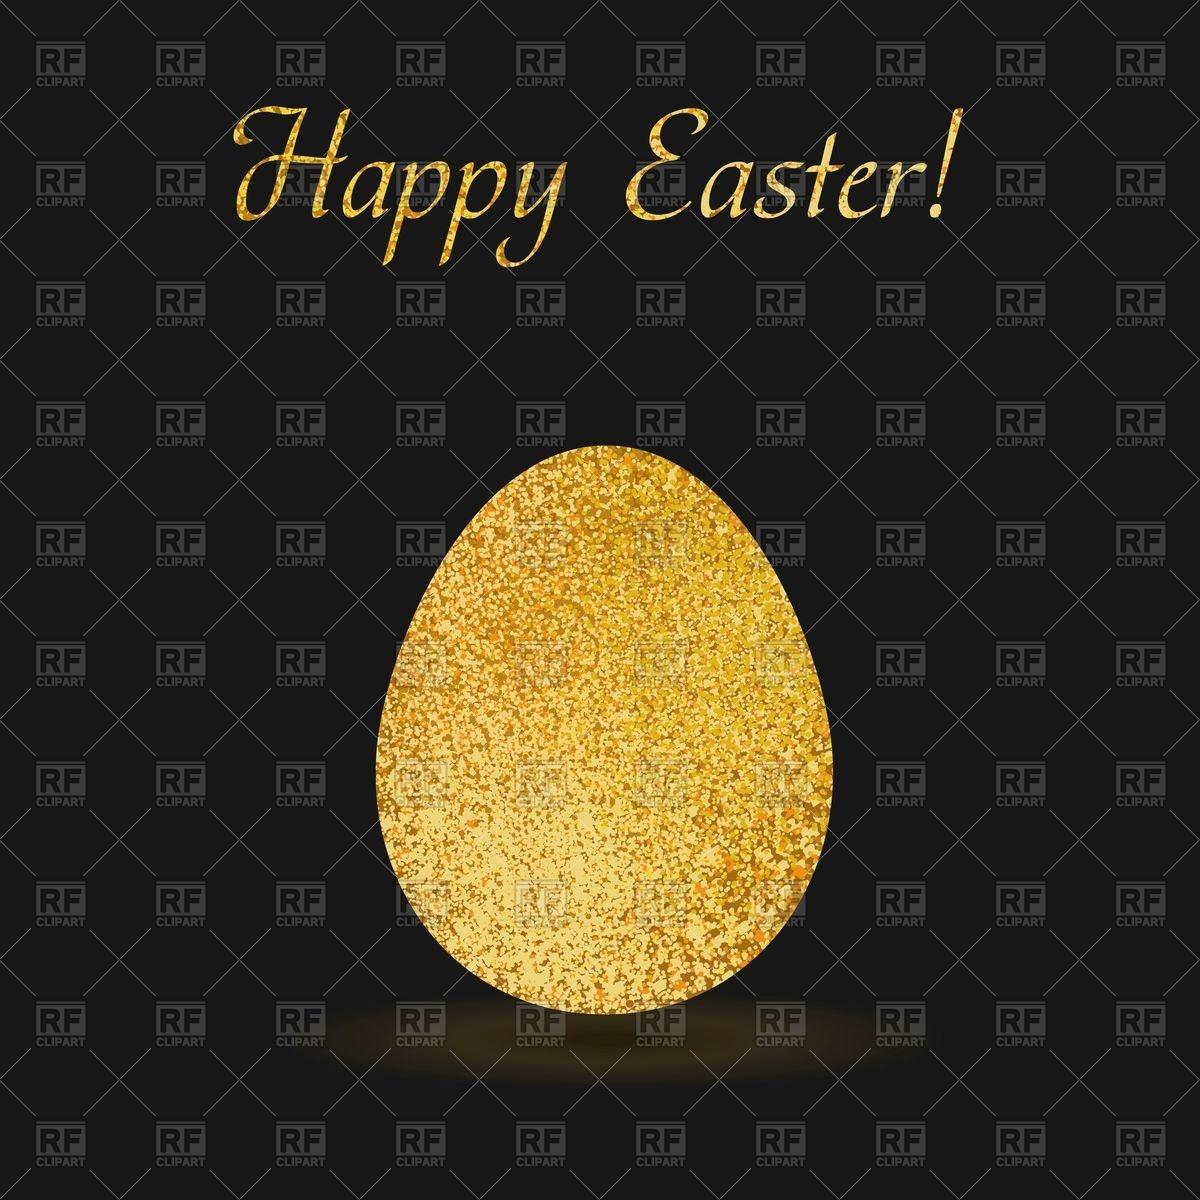 Gold easter egg clipart svg download Golden Easter egg on black background Vector Image #98320 – RFclipart svg download